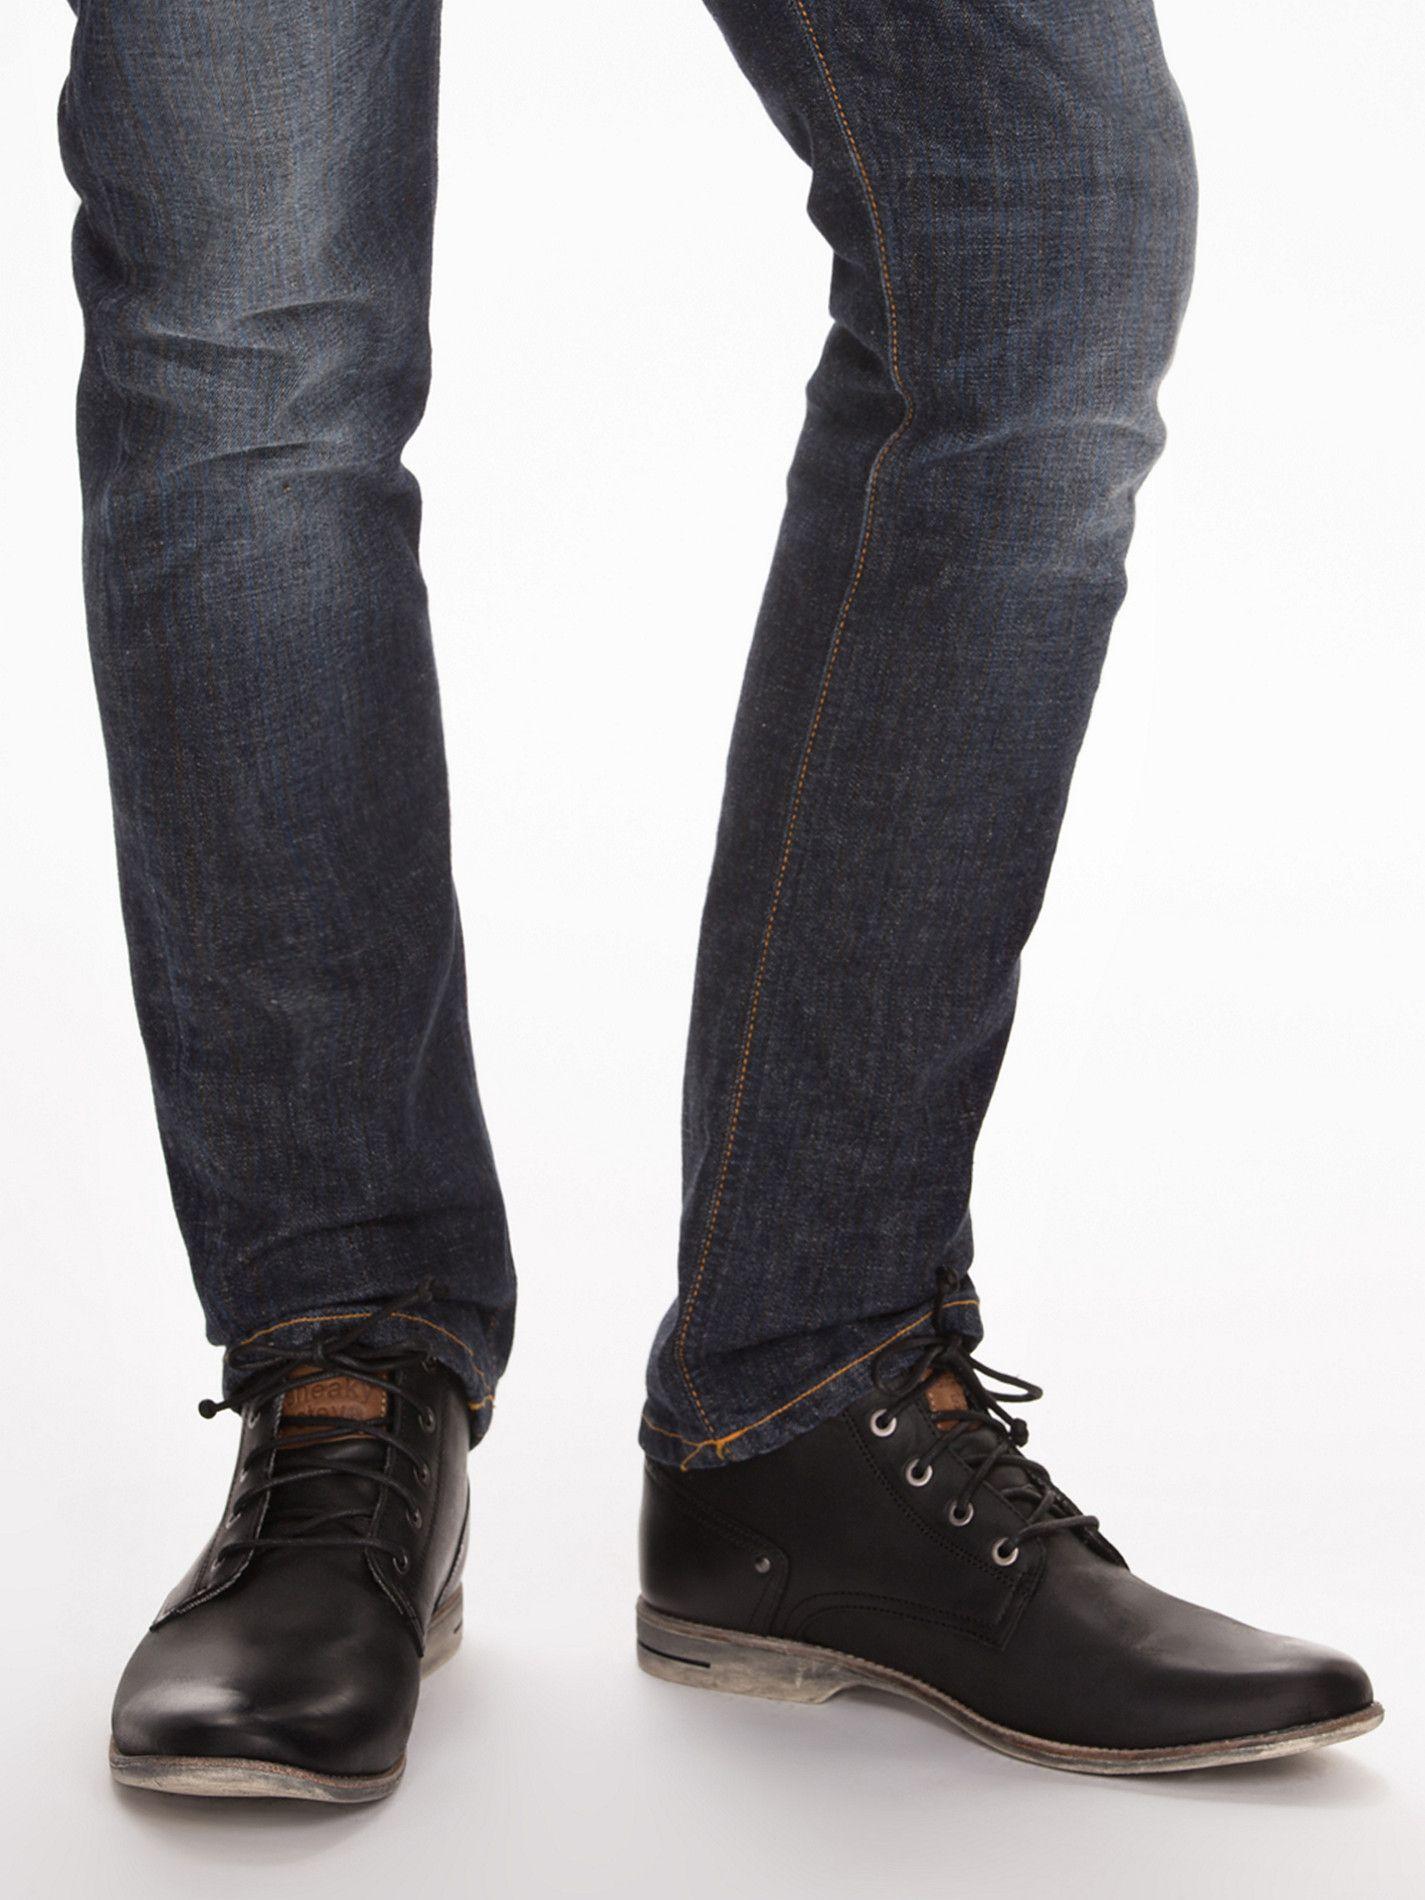 Boots - Sko - Mann - Online - Sko På Nettet